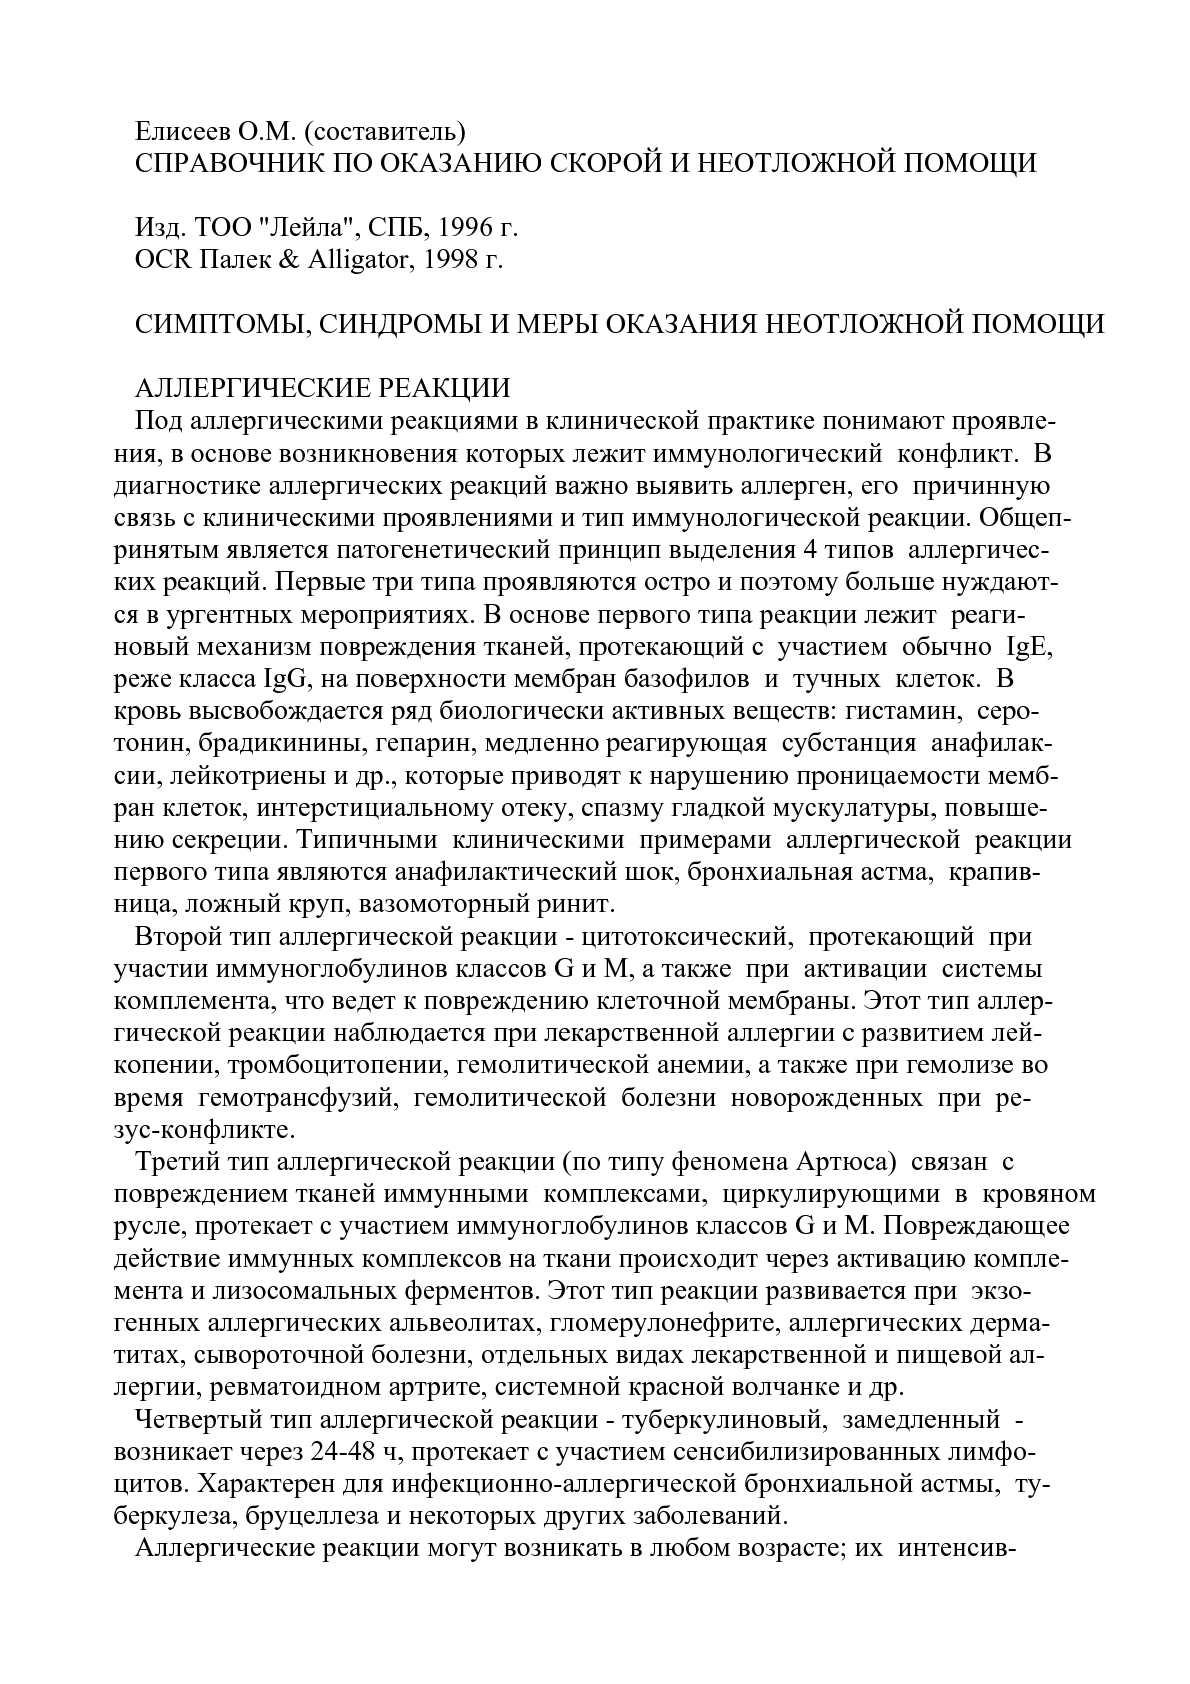 Димедрол анальгин папаверин гипер